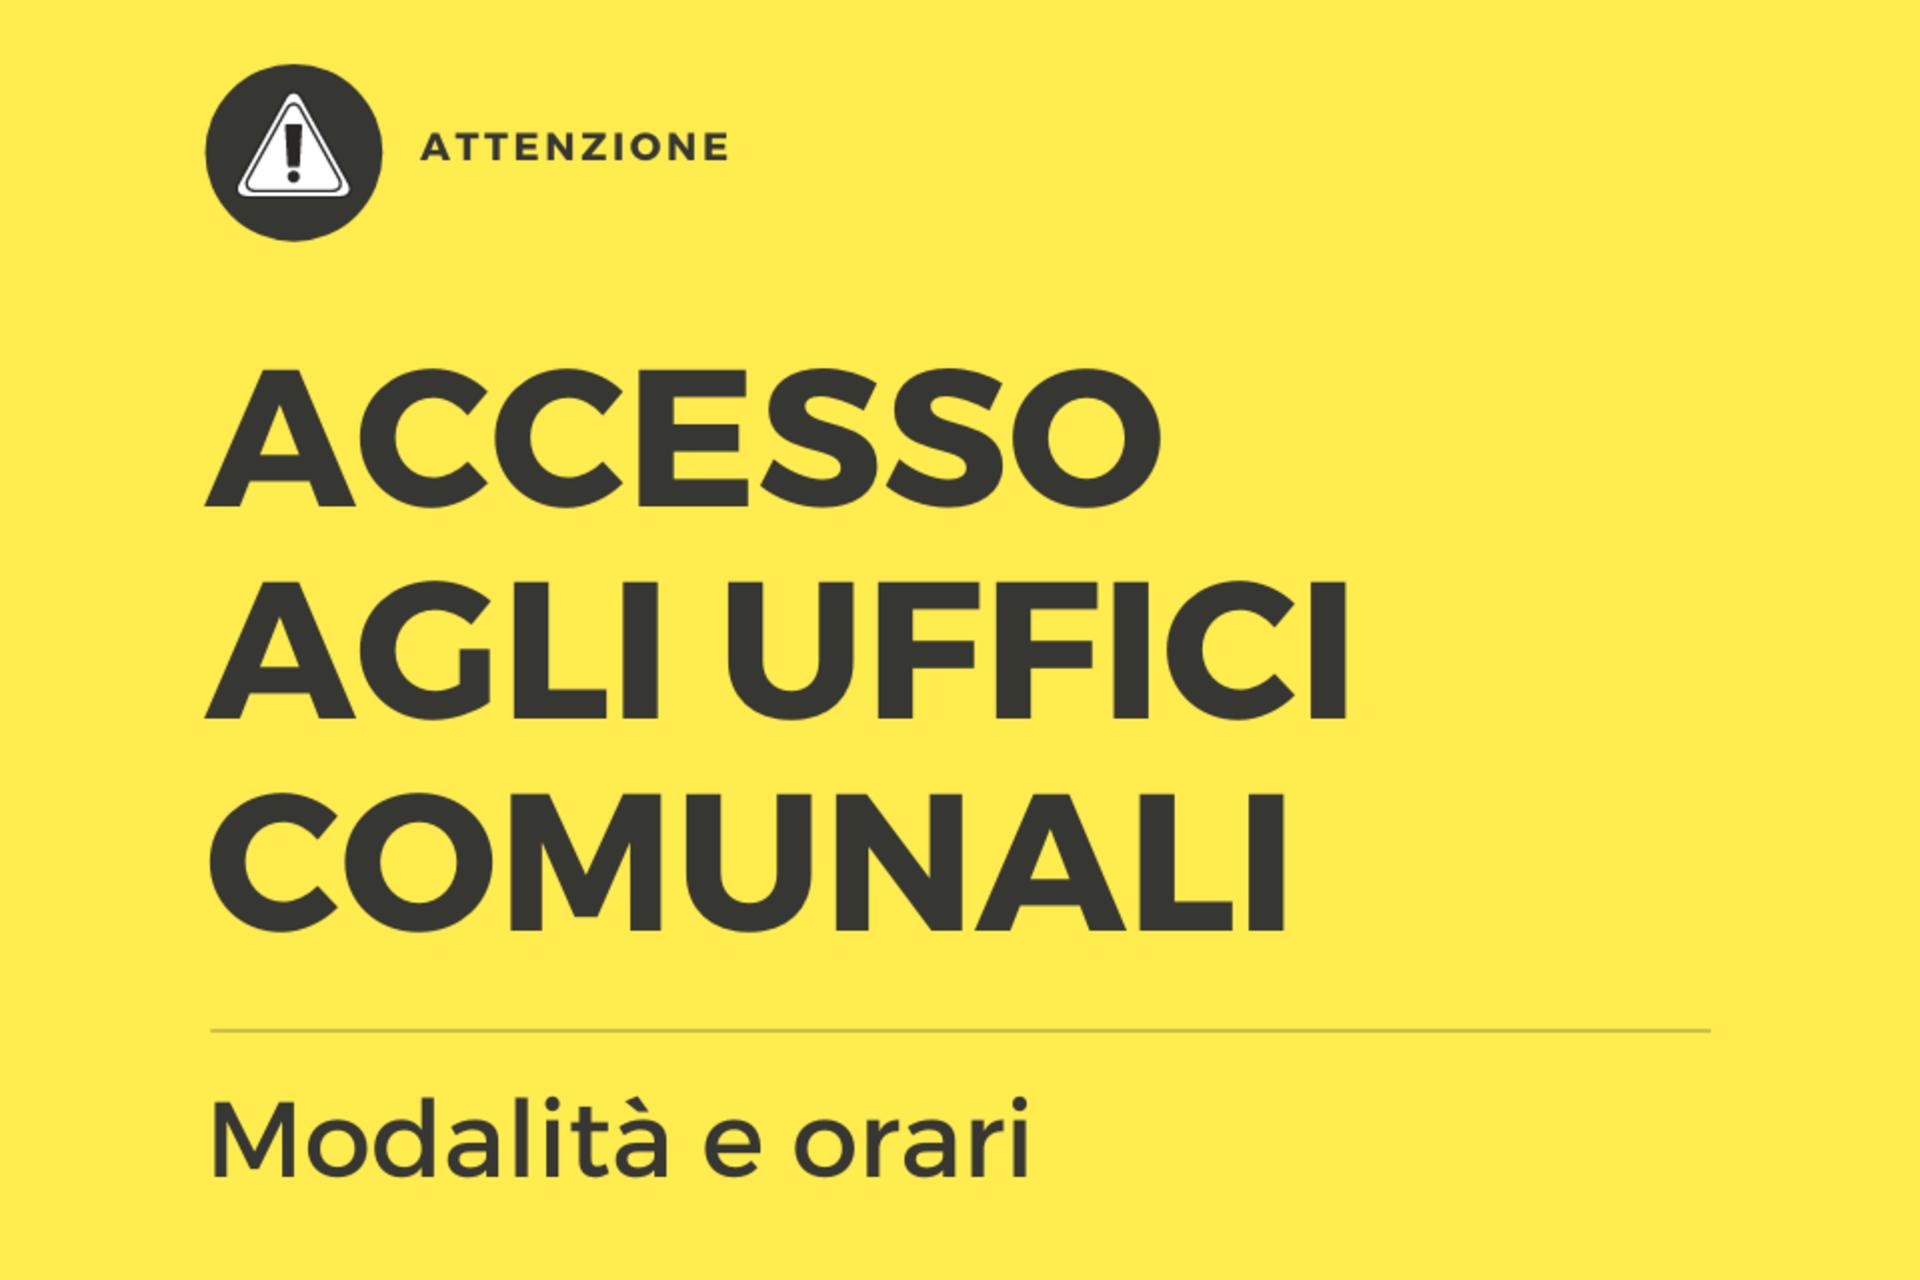 Attenzione modalità accesso uffici comunali